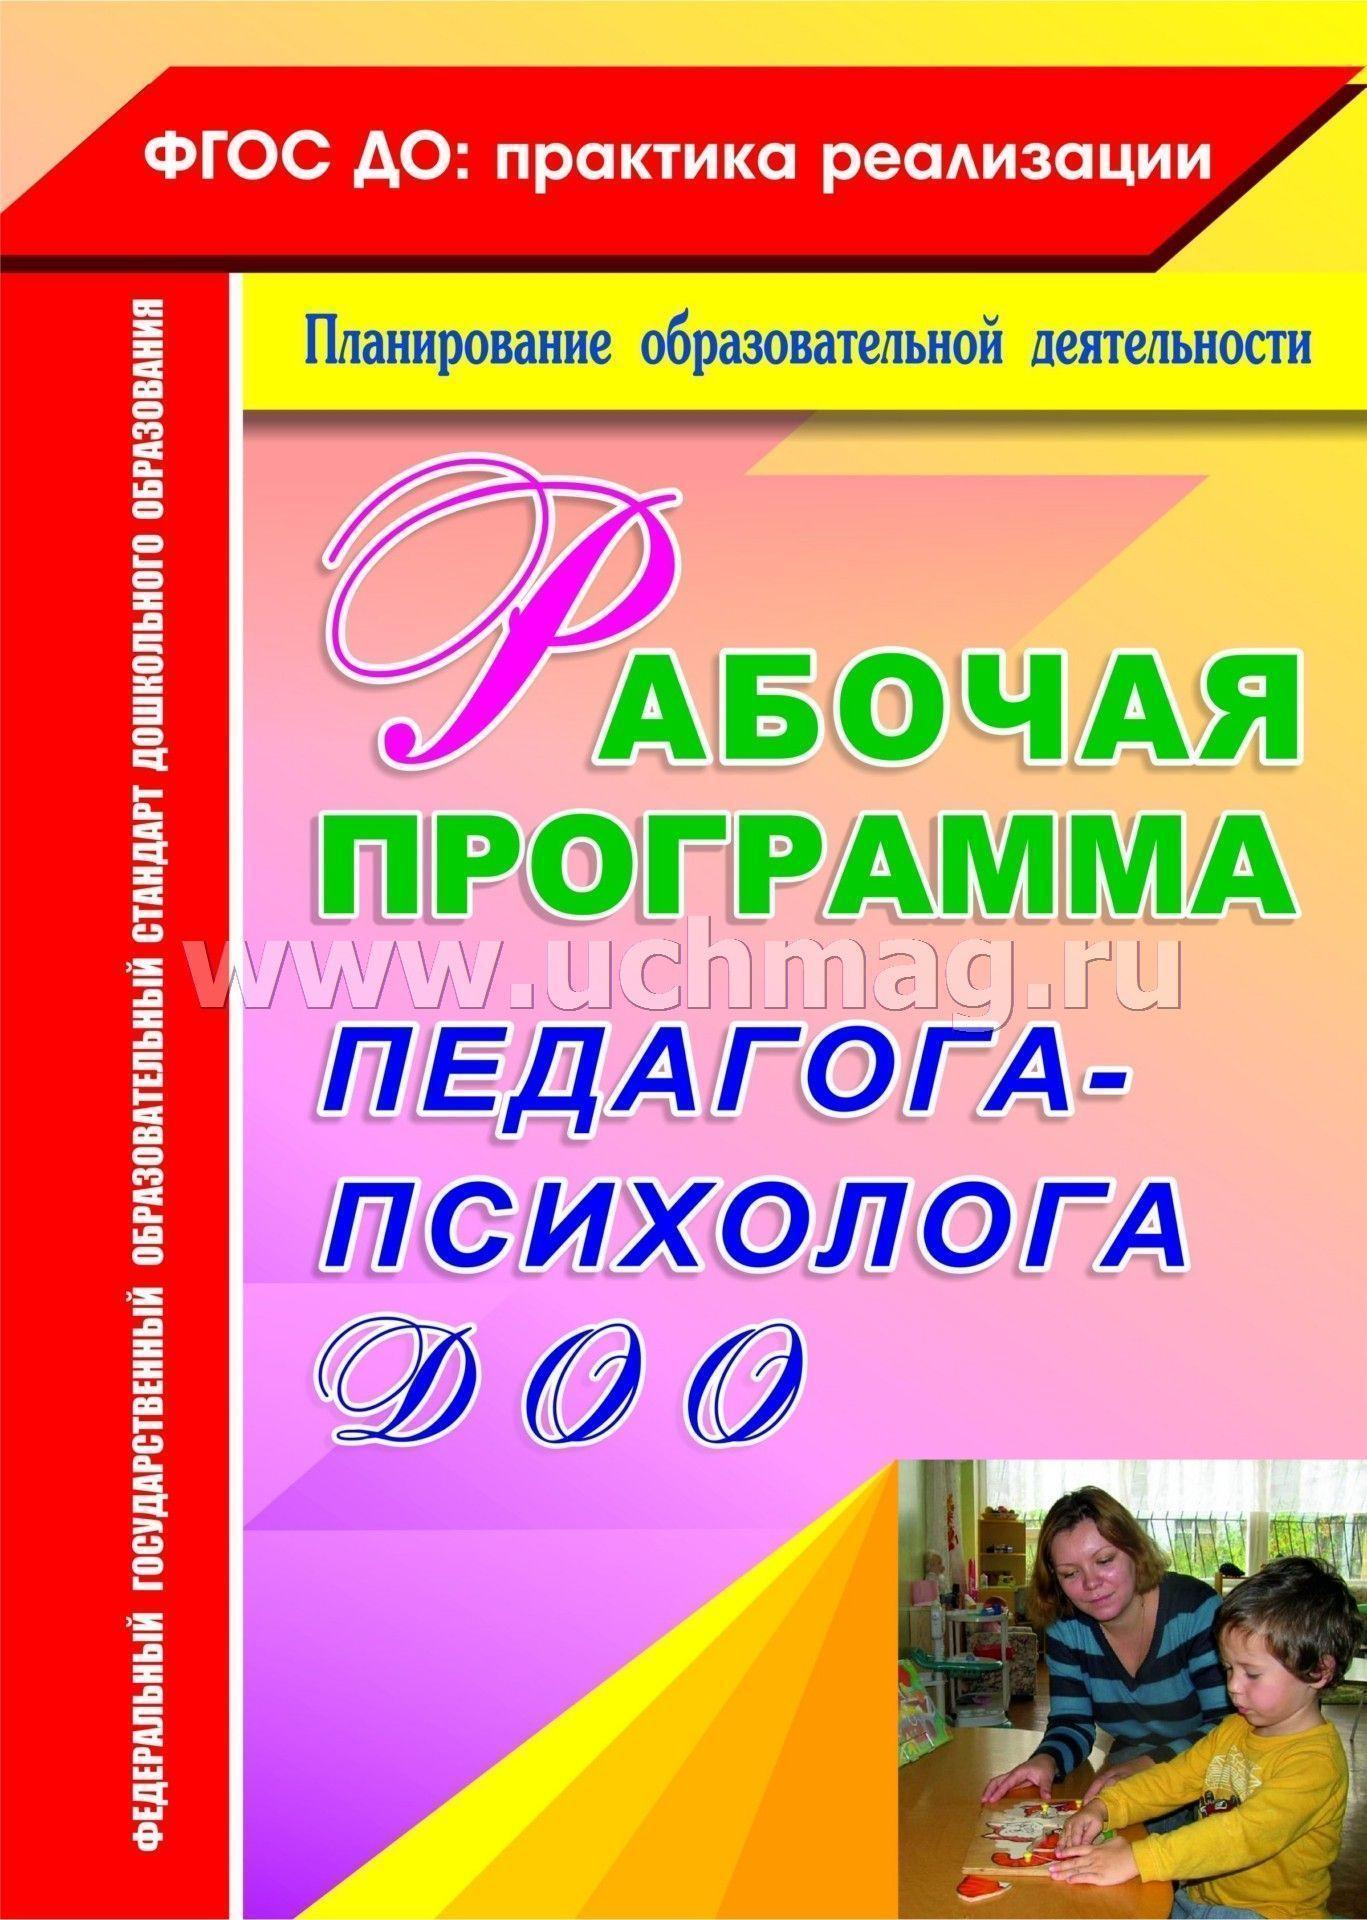 рабочая программа логопеда афонькина скачать бесплатно